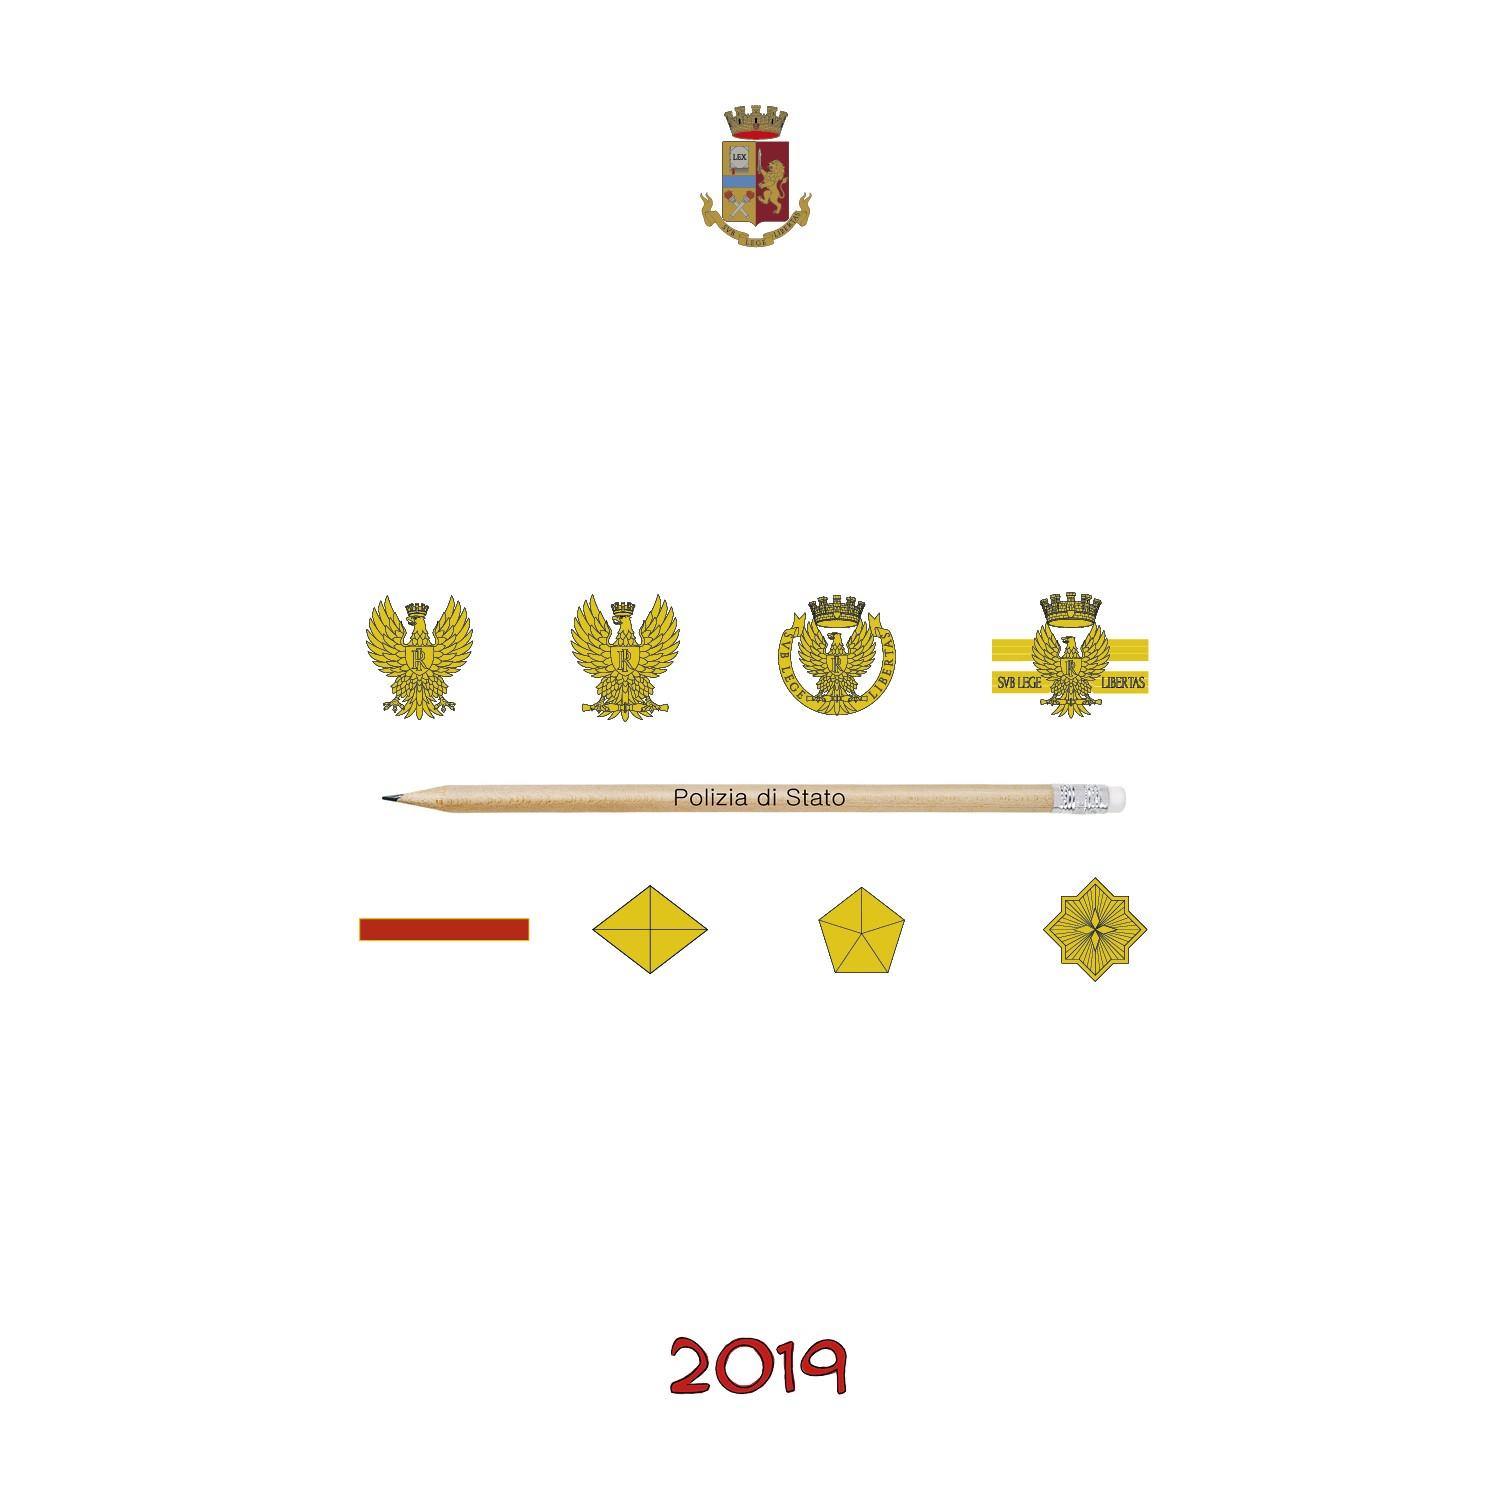 Calendario 2019 Italiano Más Reciente Calendario Polizia Di Stato 2019 Of Calendario 2019 Italiano Más Recientes Calendario 2018